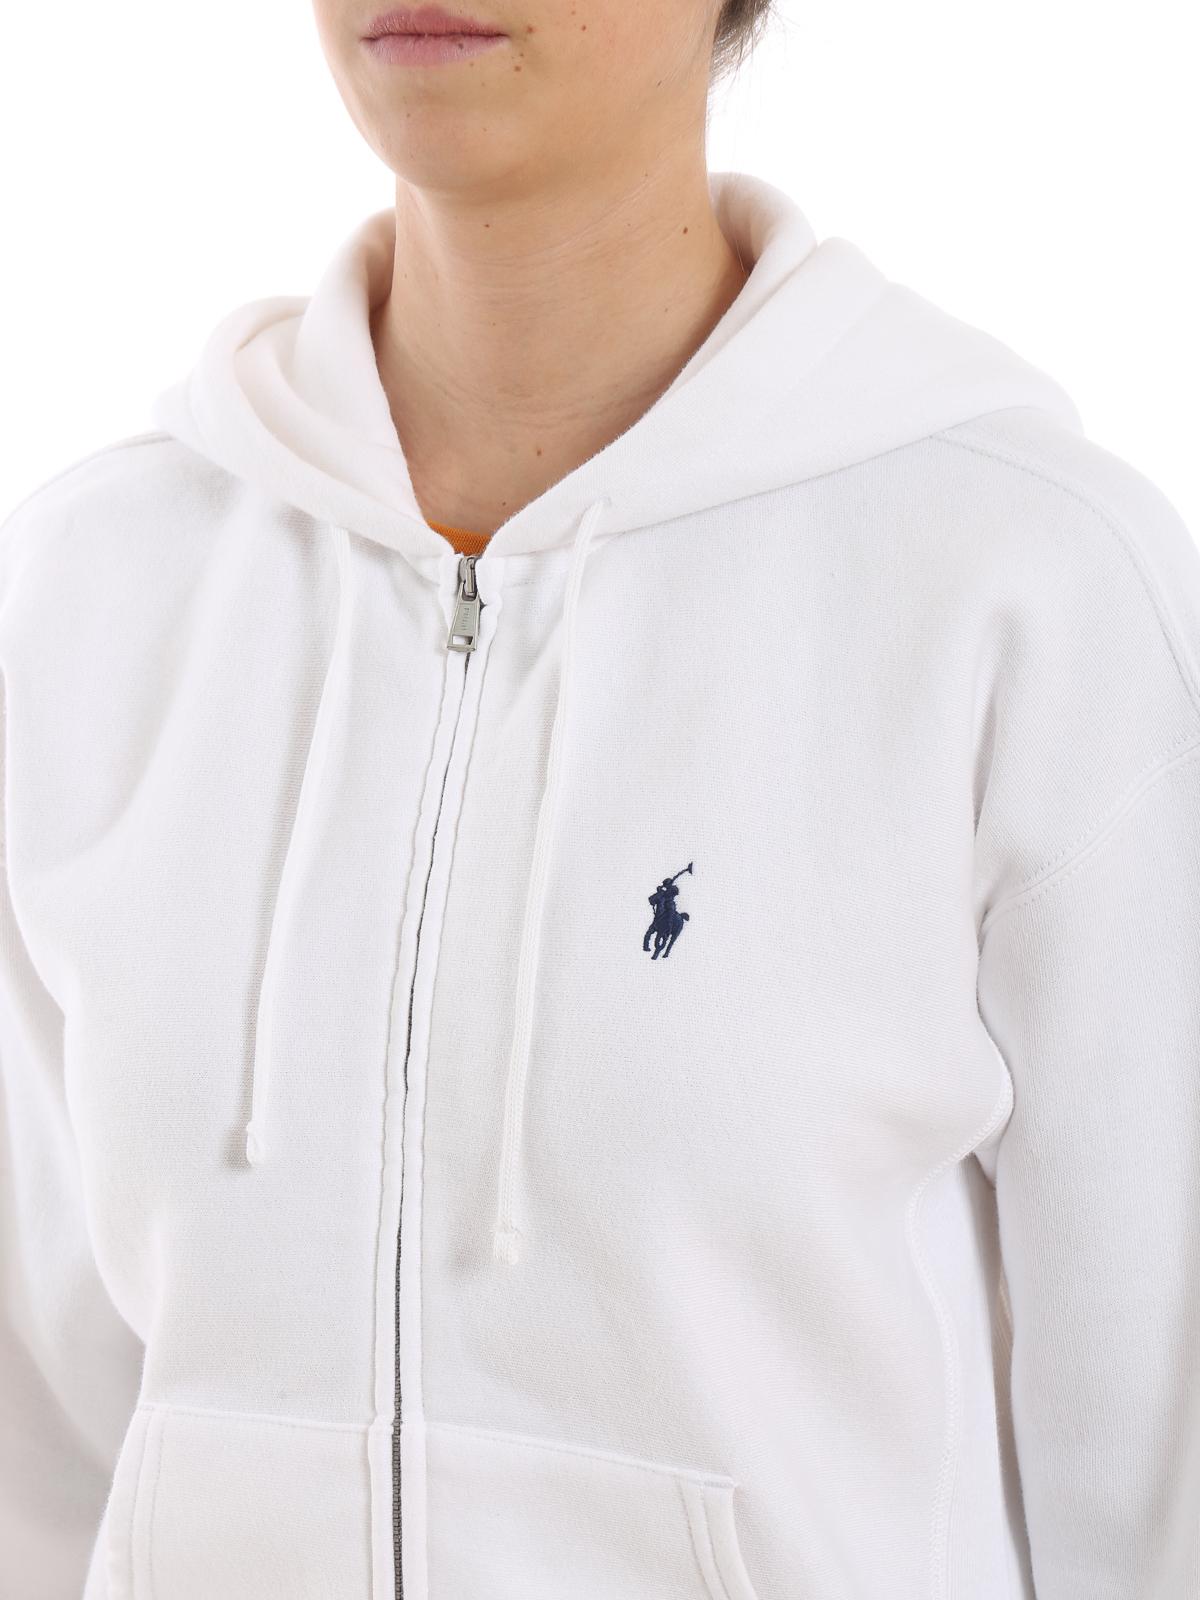 dd789eea9ea9a6 Polo Ralph Lauren - Sweatshirt - Weiß - Sweatshirts und Pullover ...